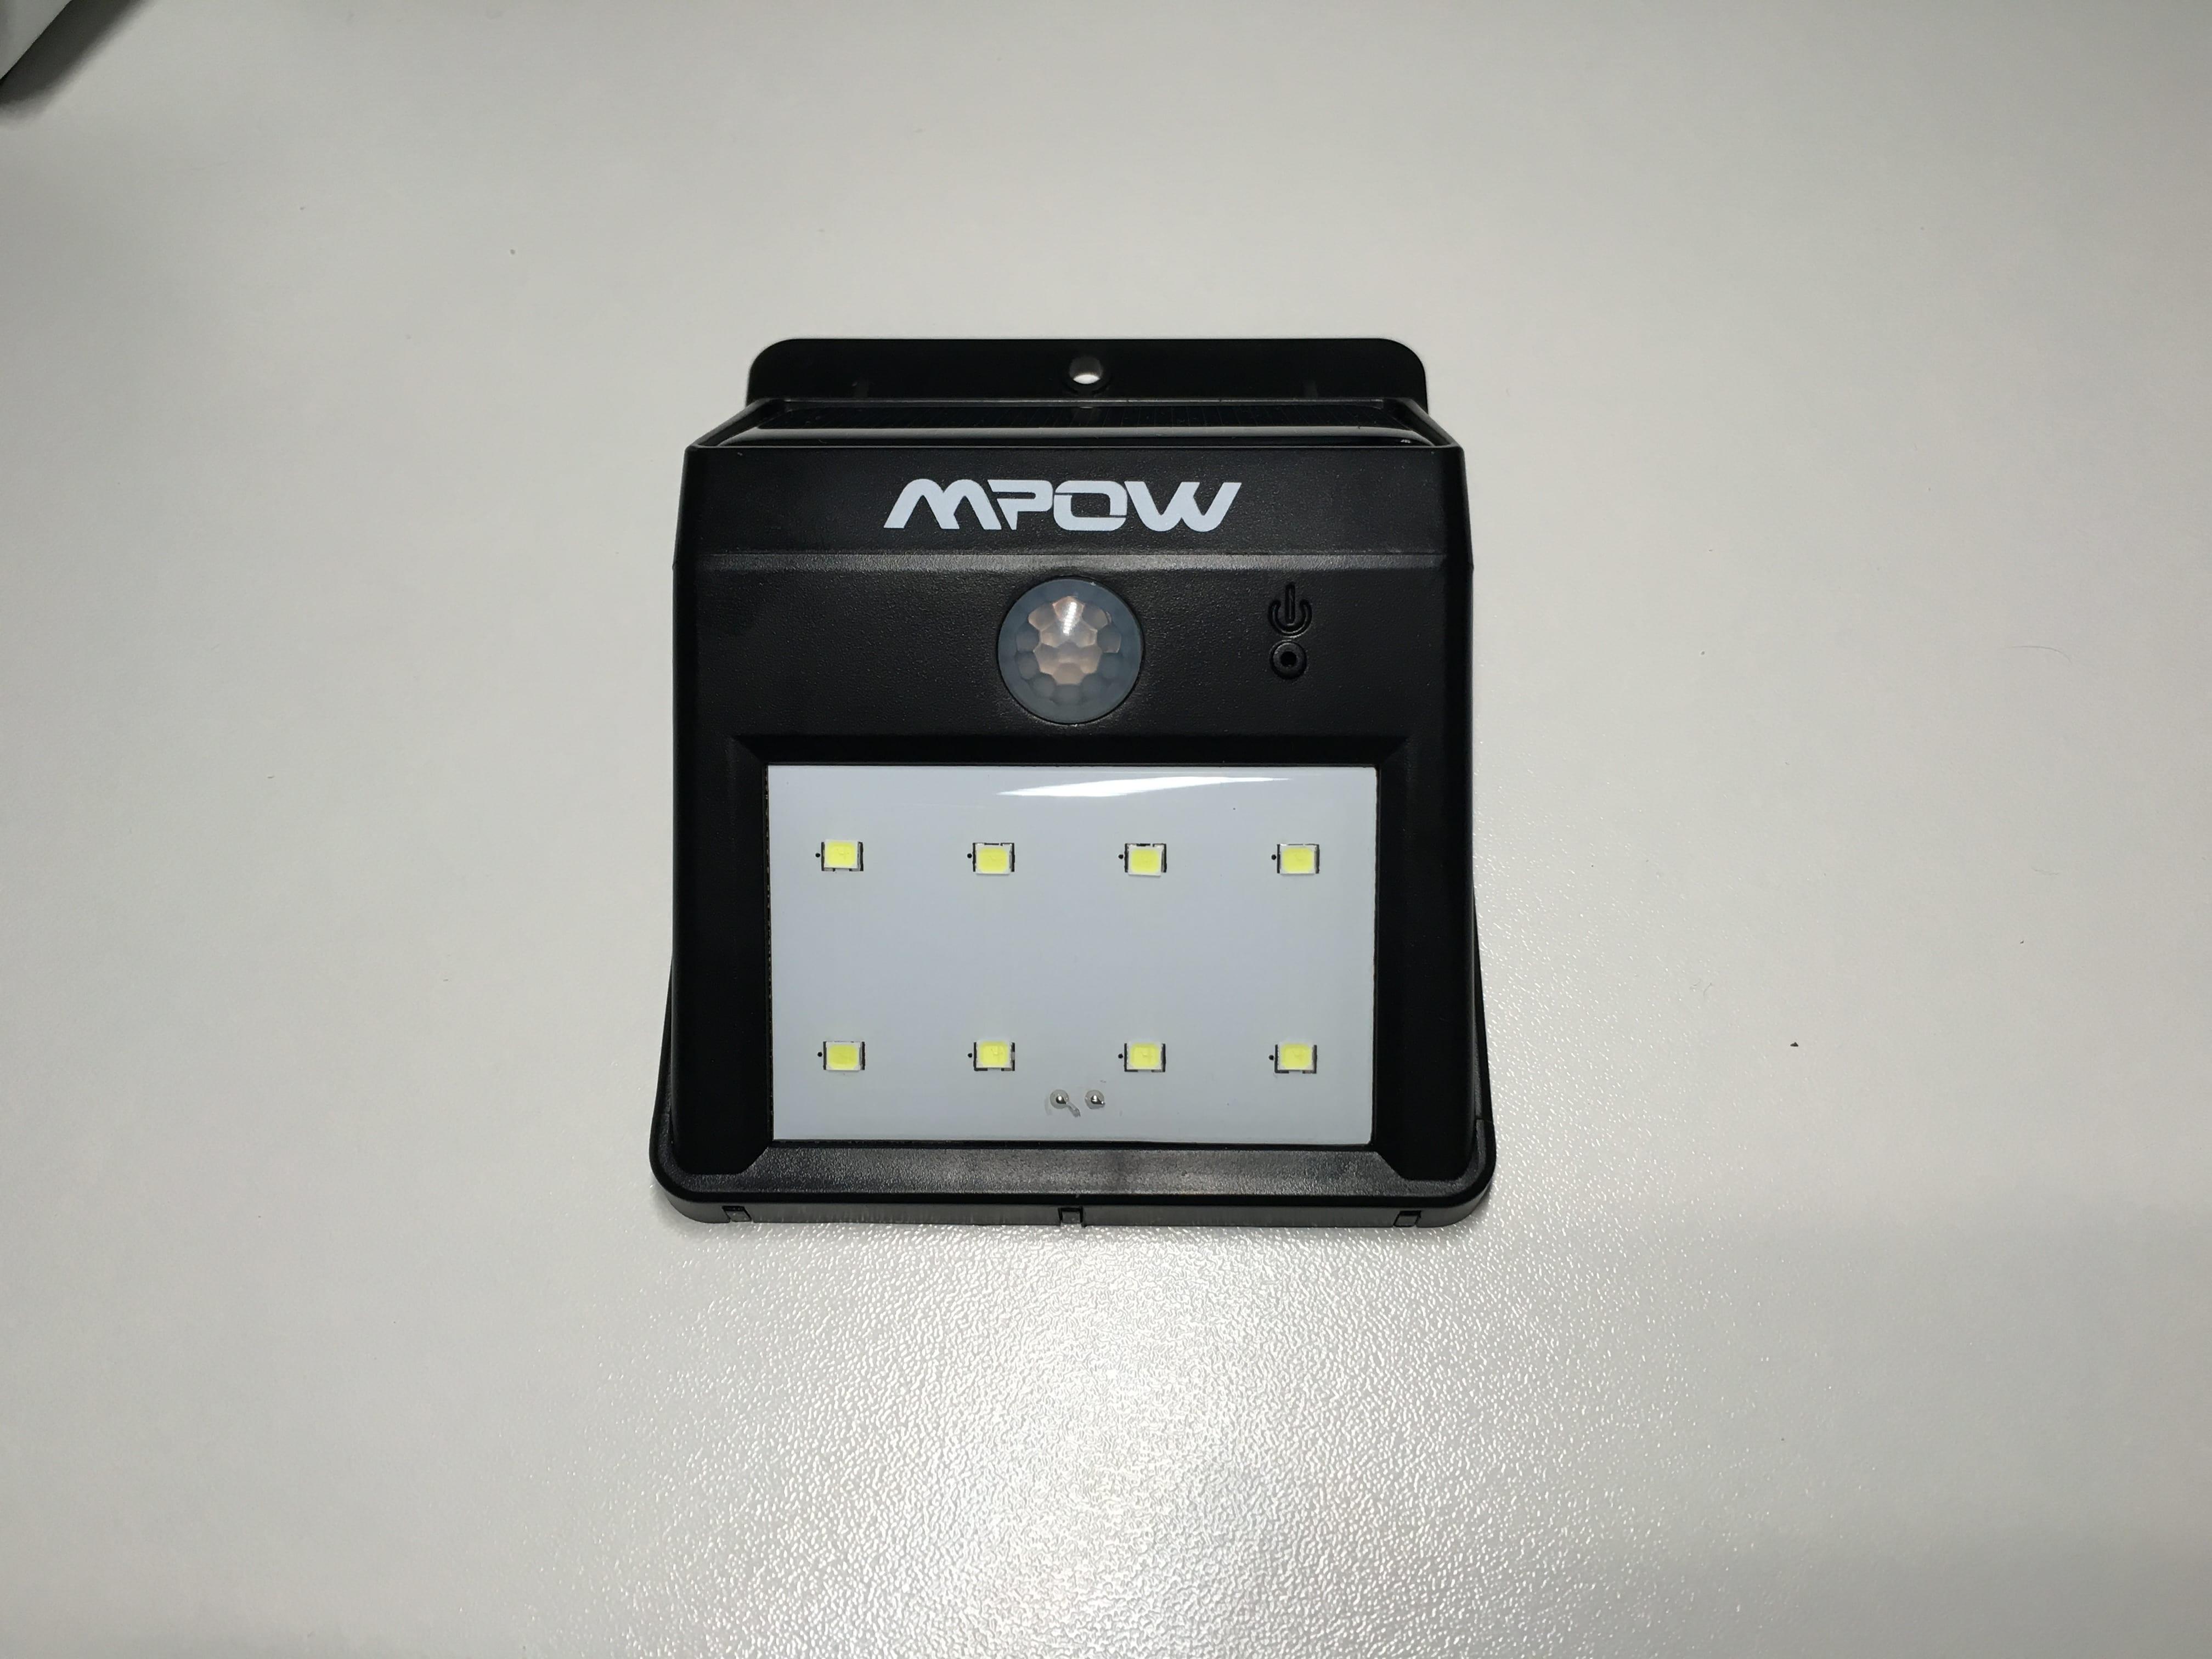 Plafoniere Con Sensore Di Presenza : Lampada led potentissima alimentata da energia solare con sensore